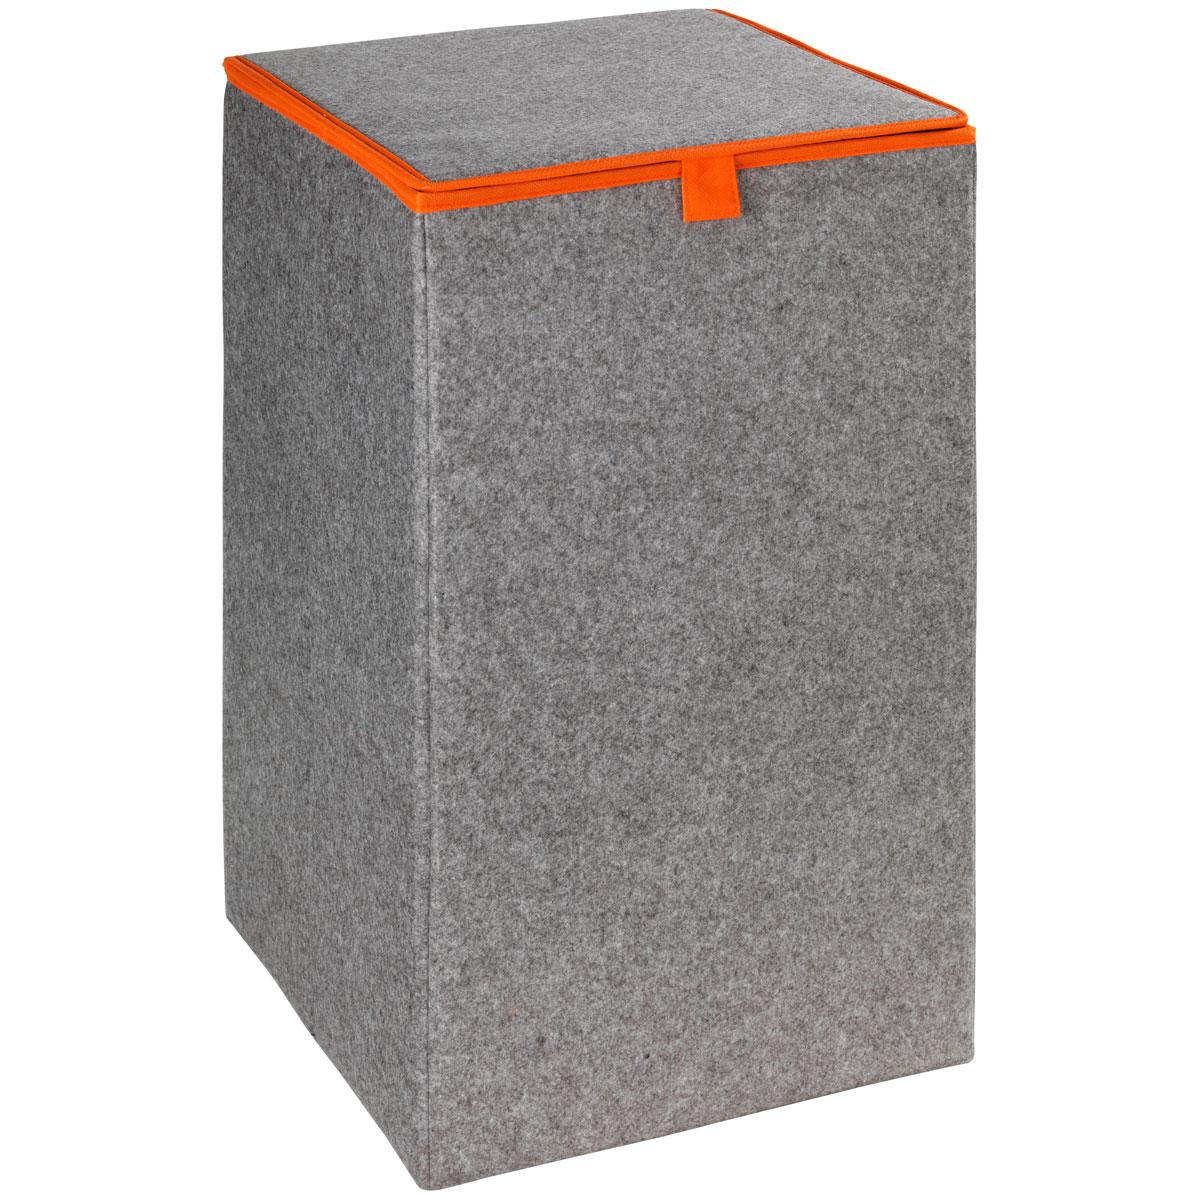 aufbewahrungsboxen filz preisvergleiche. Black Bedroom Furniture Sets. Home Design Ideas